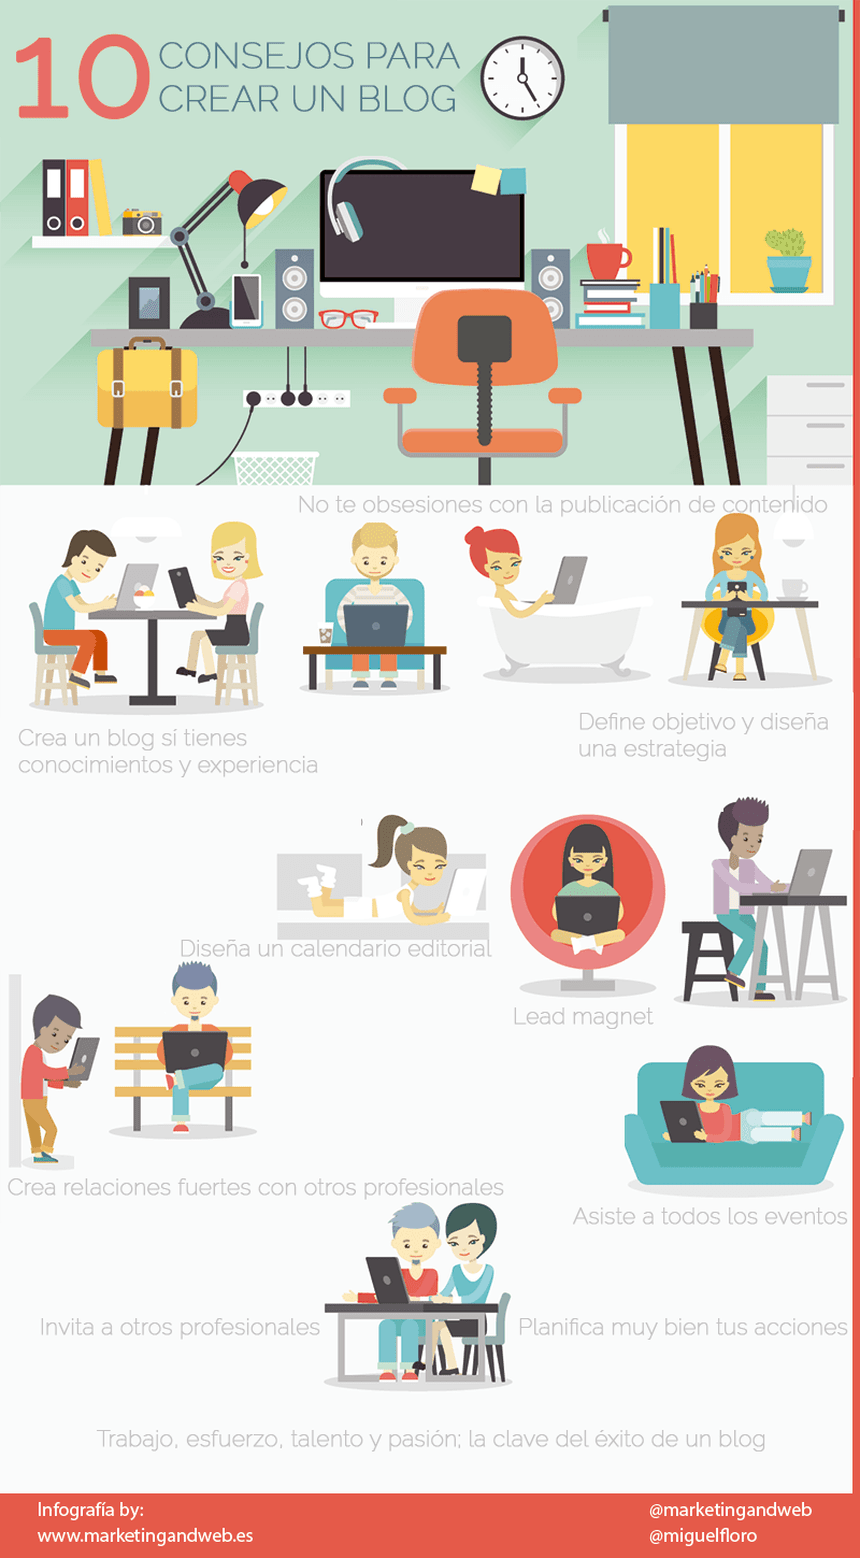 10 consejos para crear un Blog #infografia #infographic #socialmedia